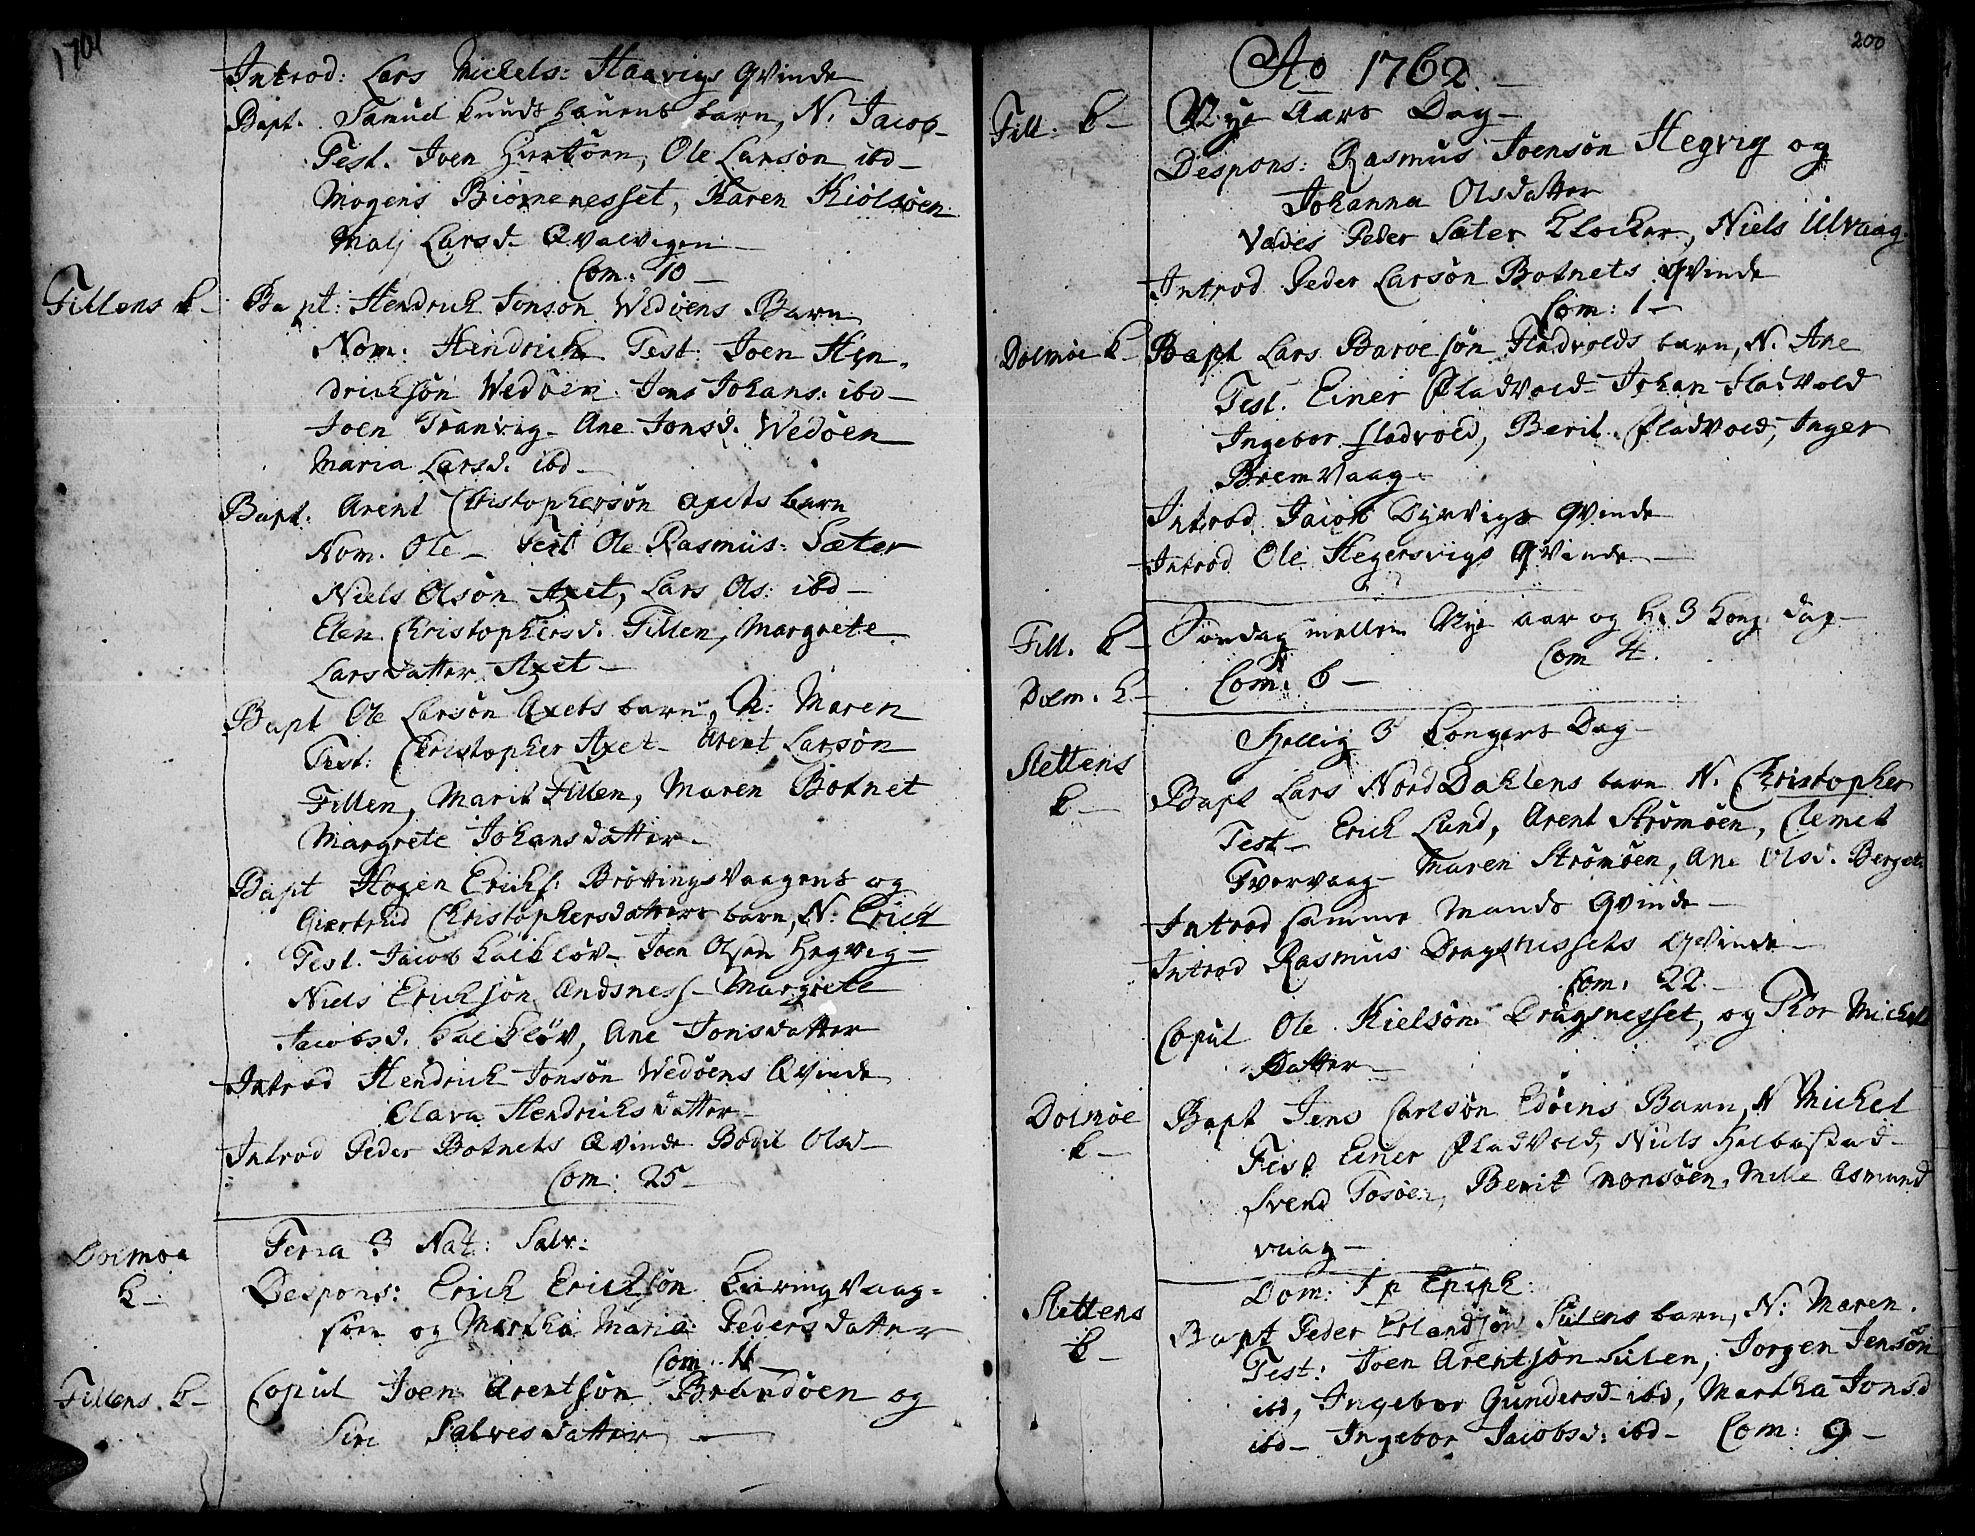 SAT, Ministerialprotokoller, klokkerbøker og fødselsregistre - Sør-Trøndelag, 634/L0525: Ministerialbok nr. 634A01, 1736-1775, s. 200